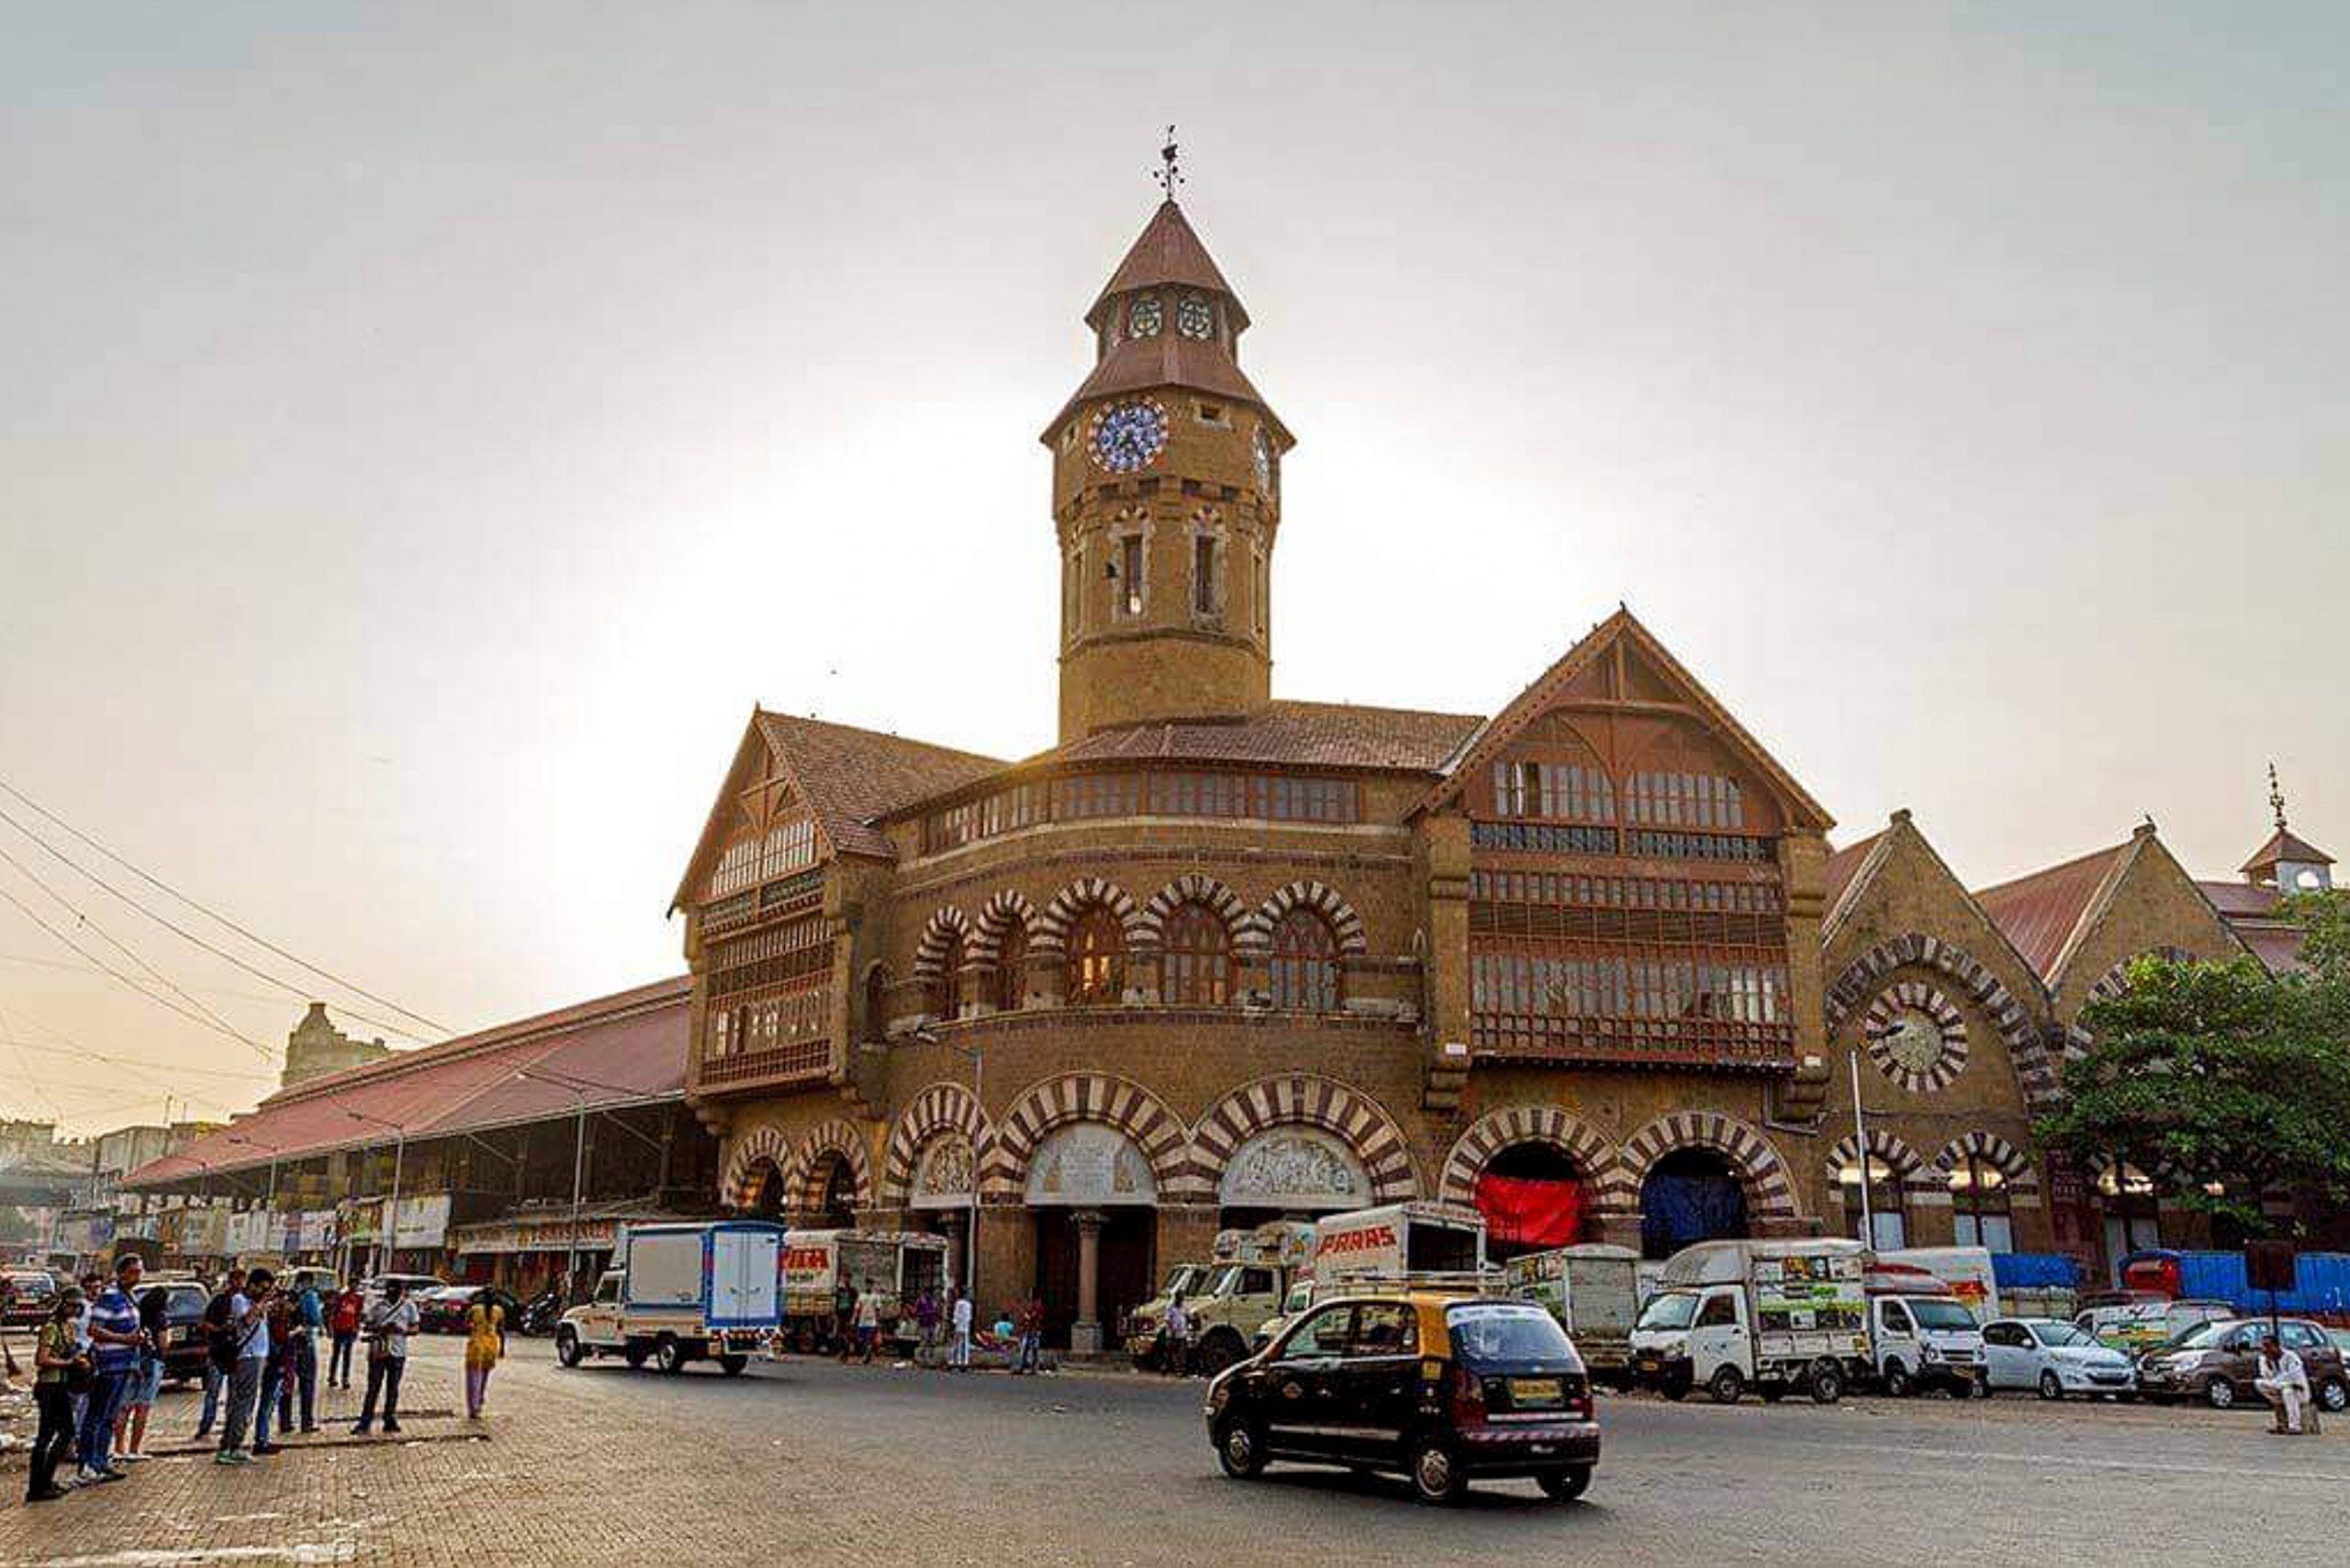 Crowford Market in Mumbai